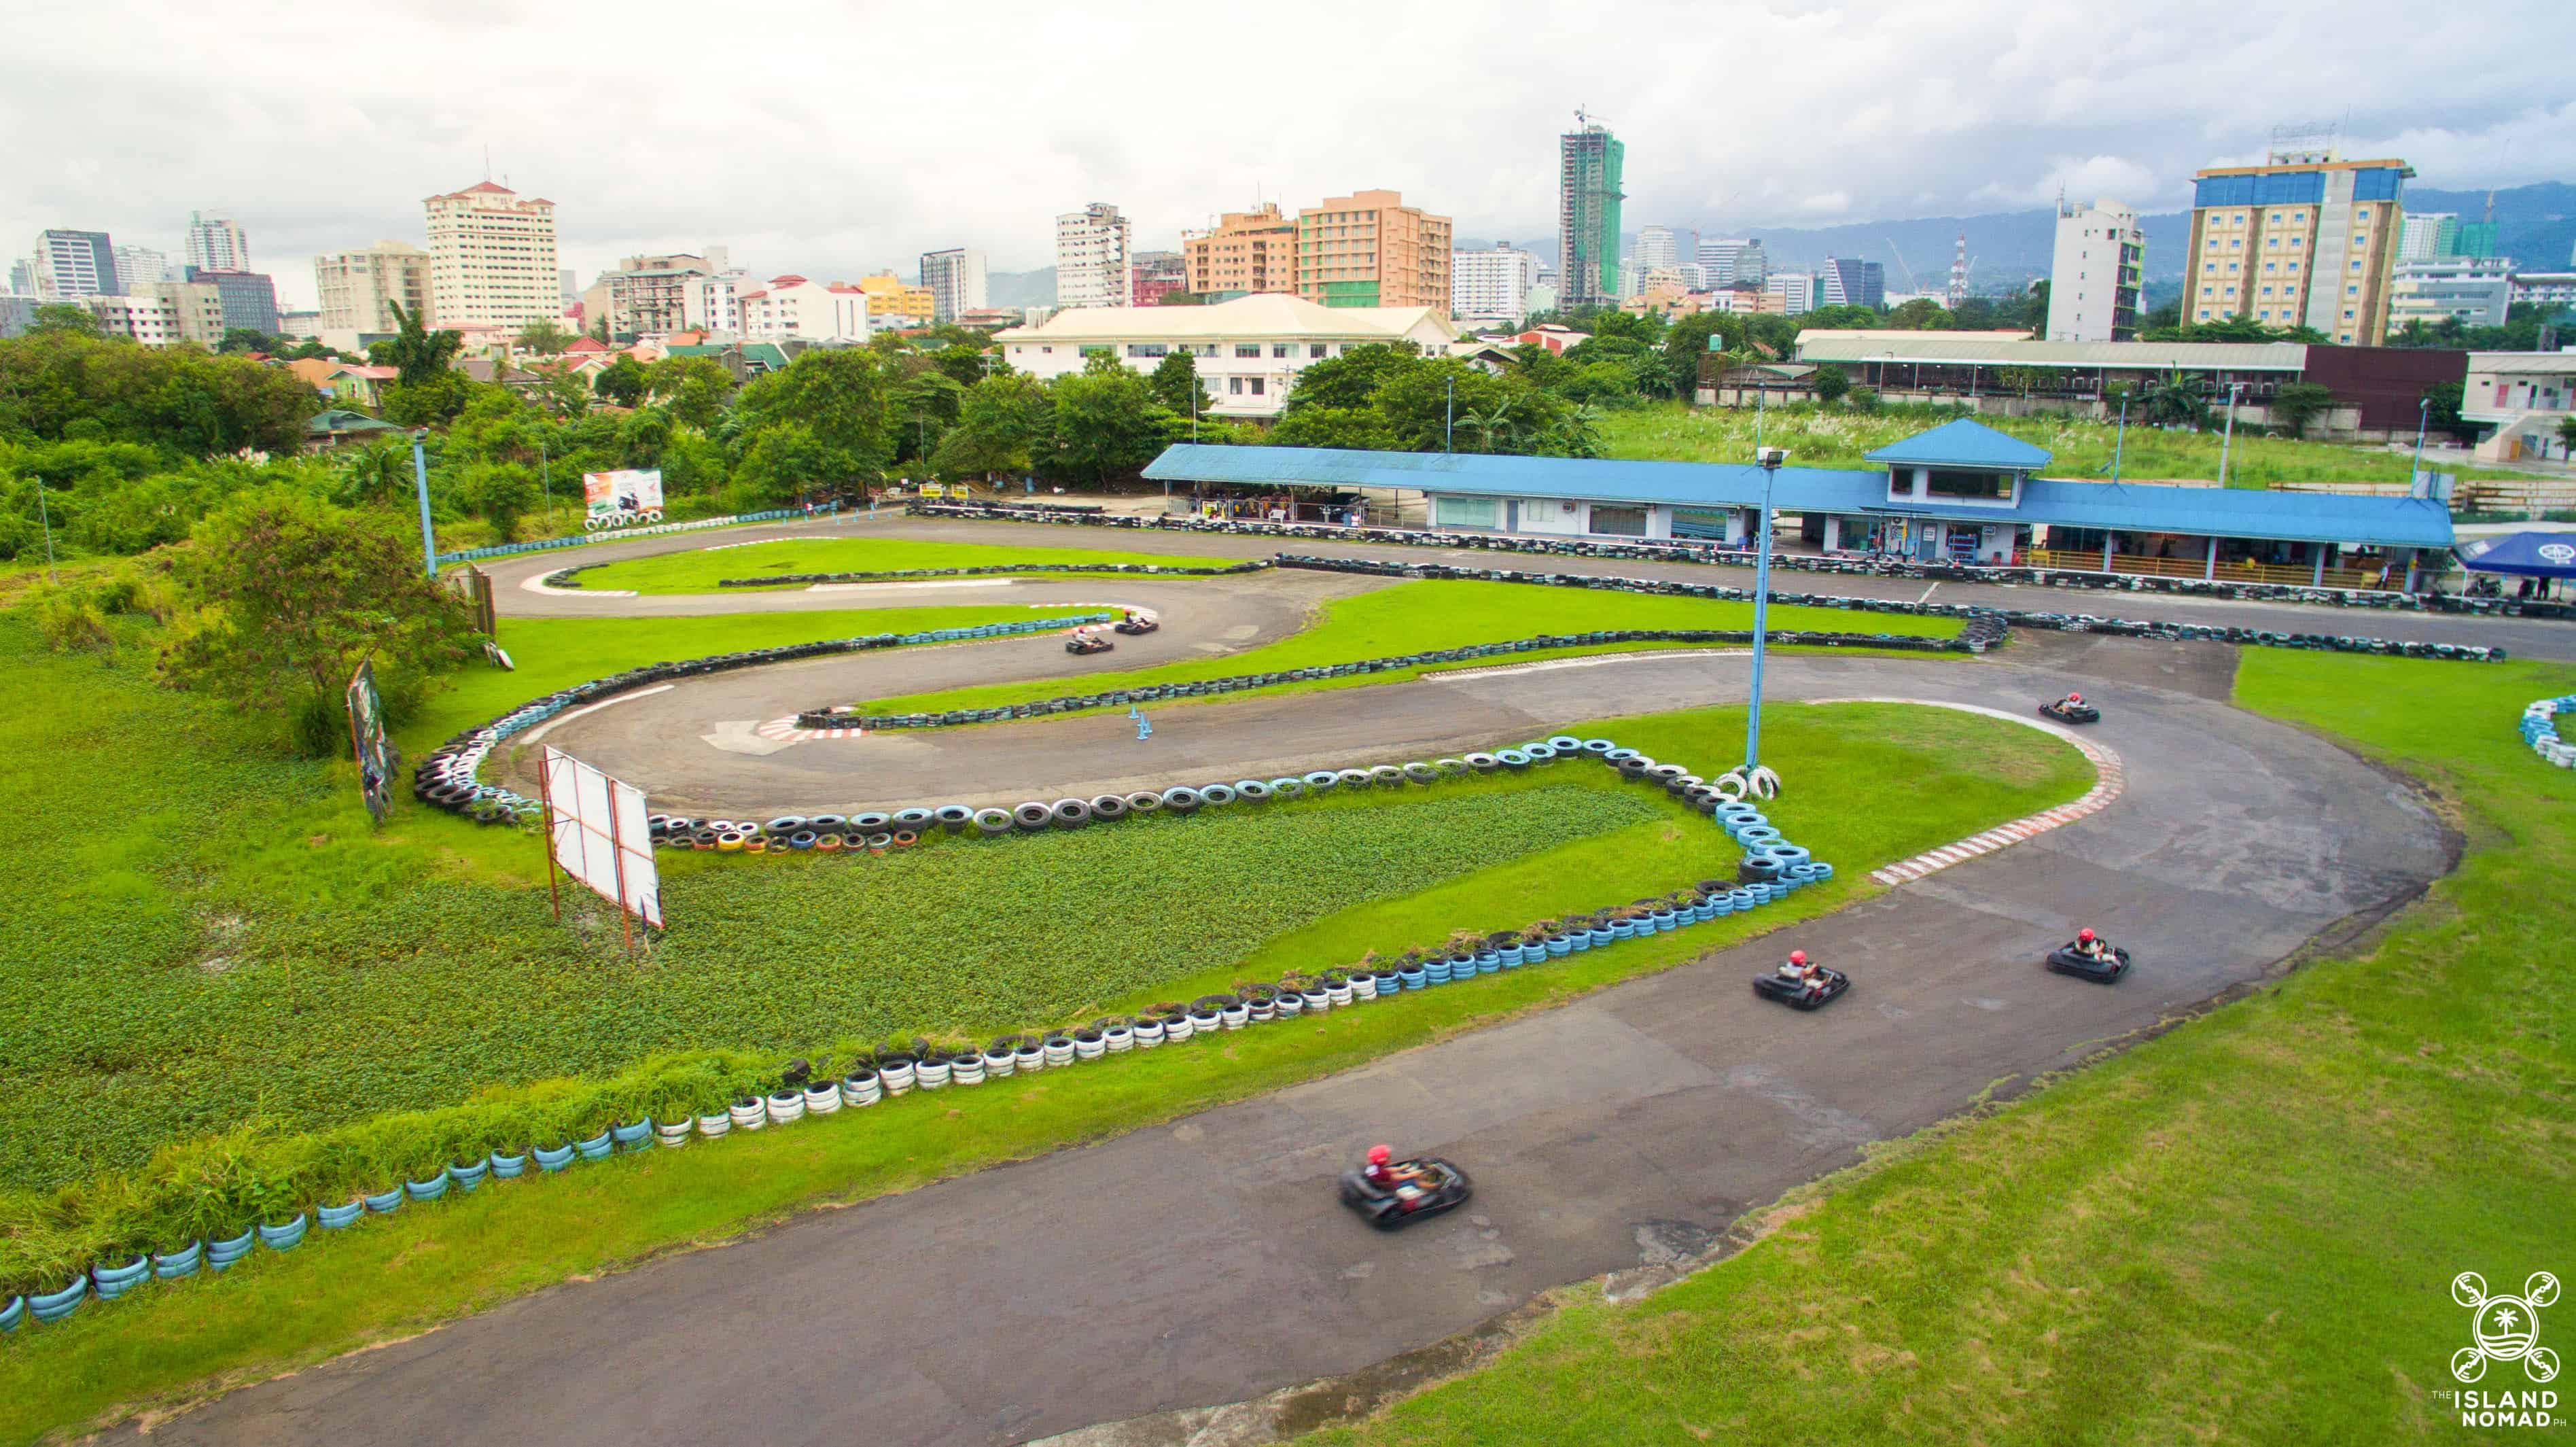 Kartzone Cebu (Kart Racing) (3)